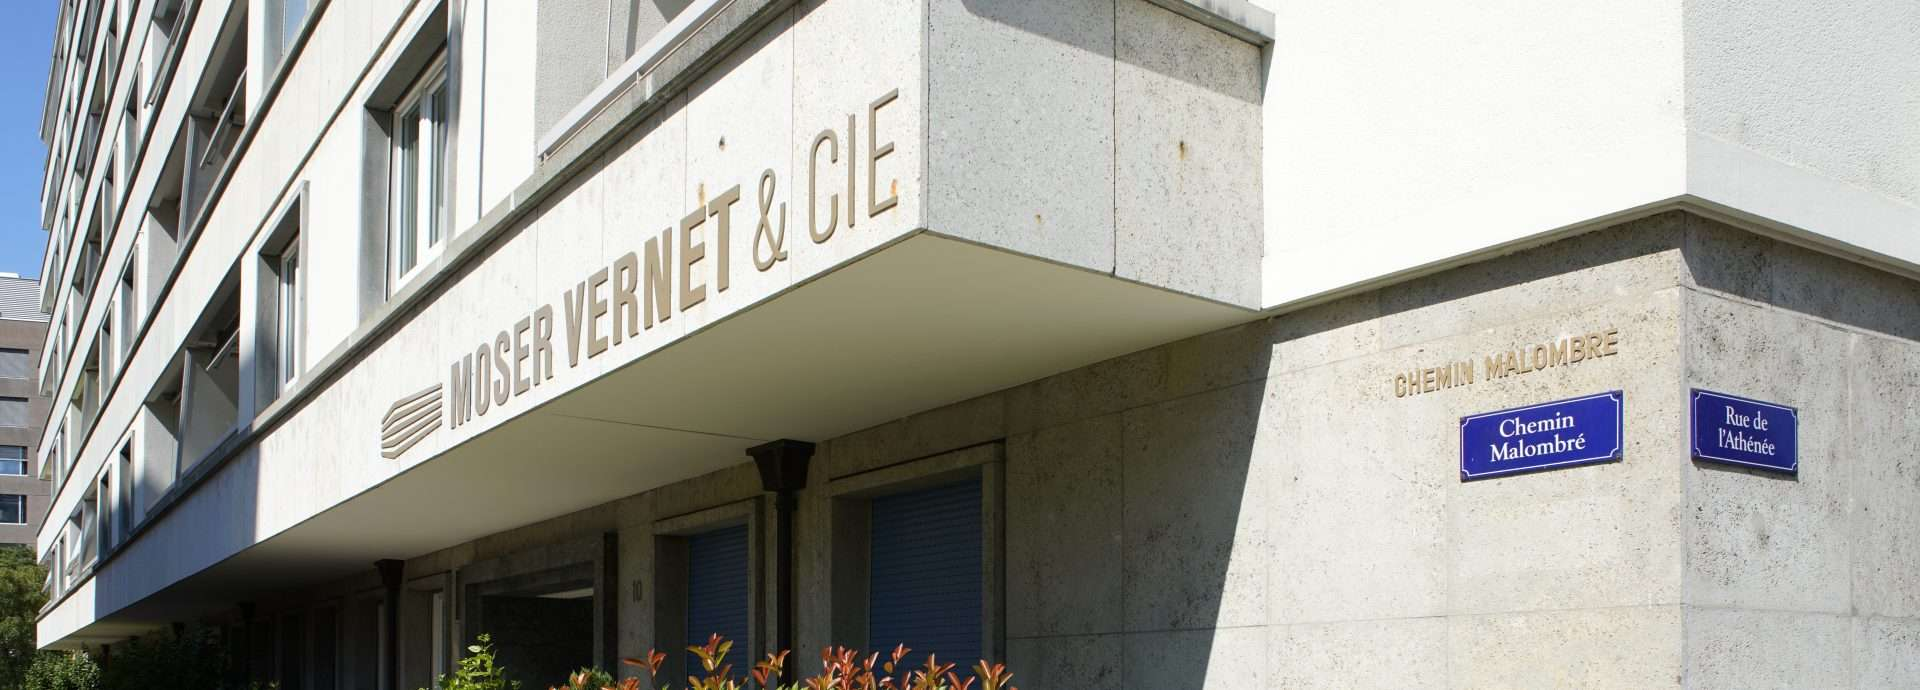 Agence Immobilière à Genève - Moser Vernet et Cie SA